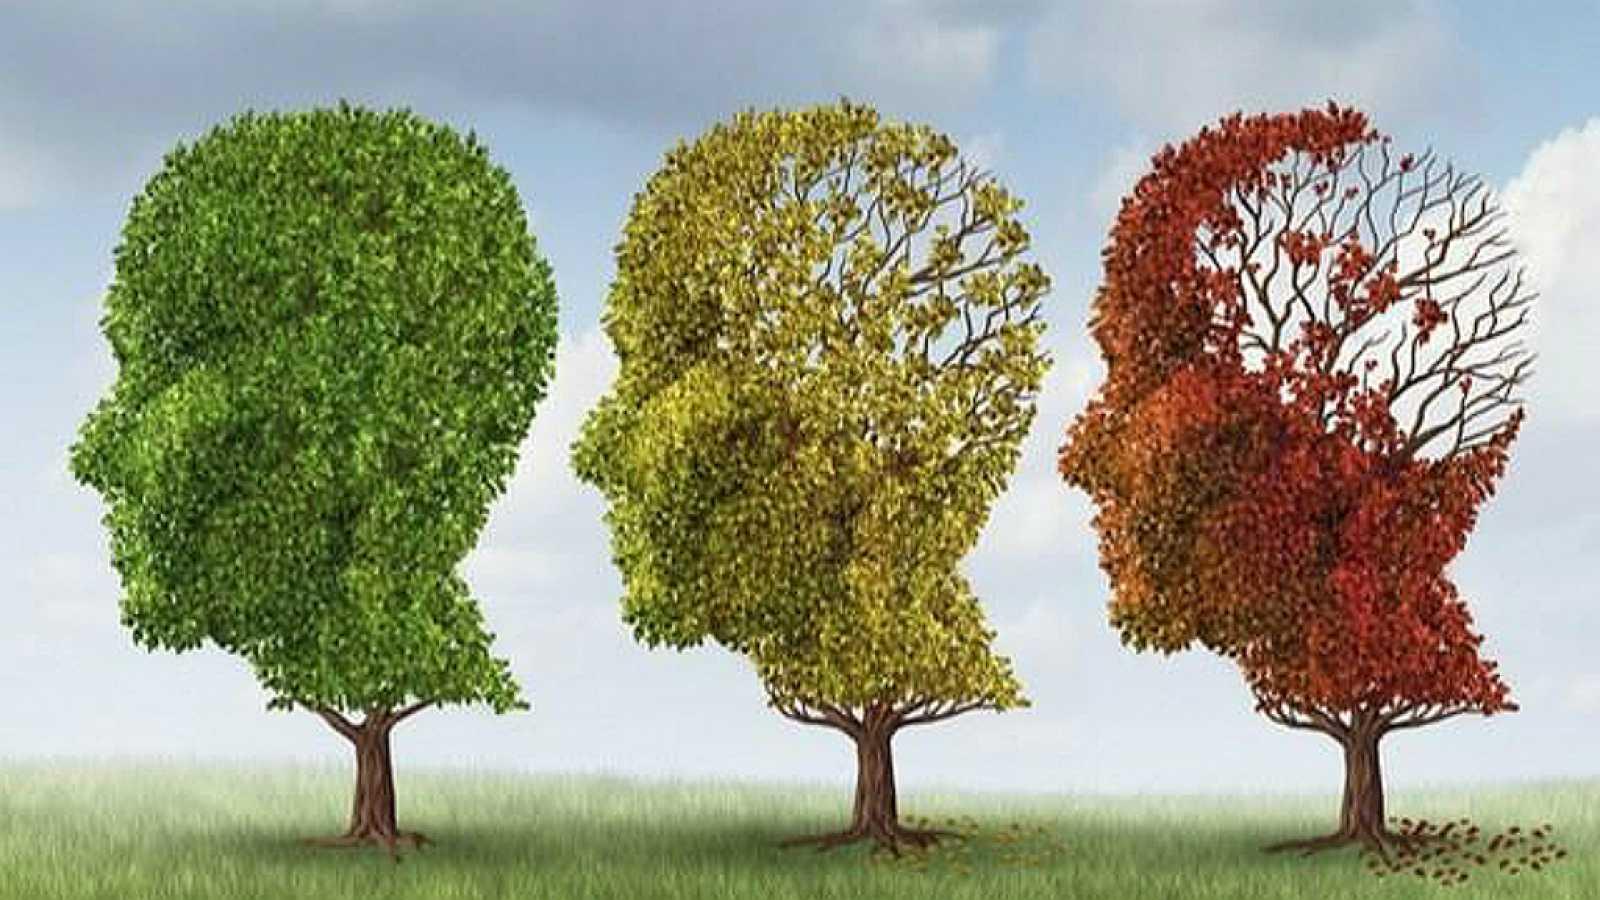 España vuelta y vuelta - La posibilidad de desarrollar alzhéimer en personas con trastornos de memoria - 28/05/18 - Escuchar ahora